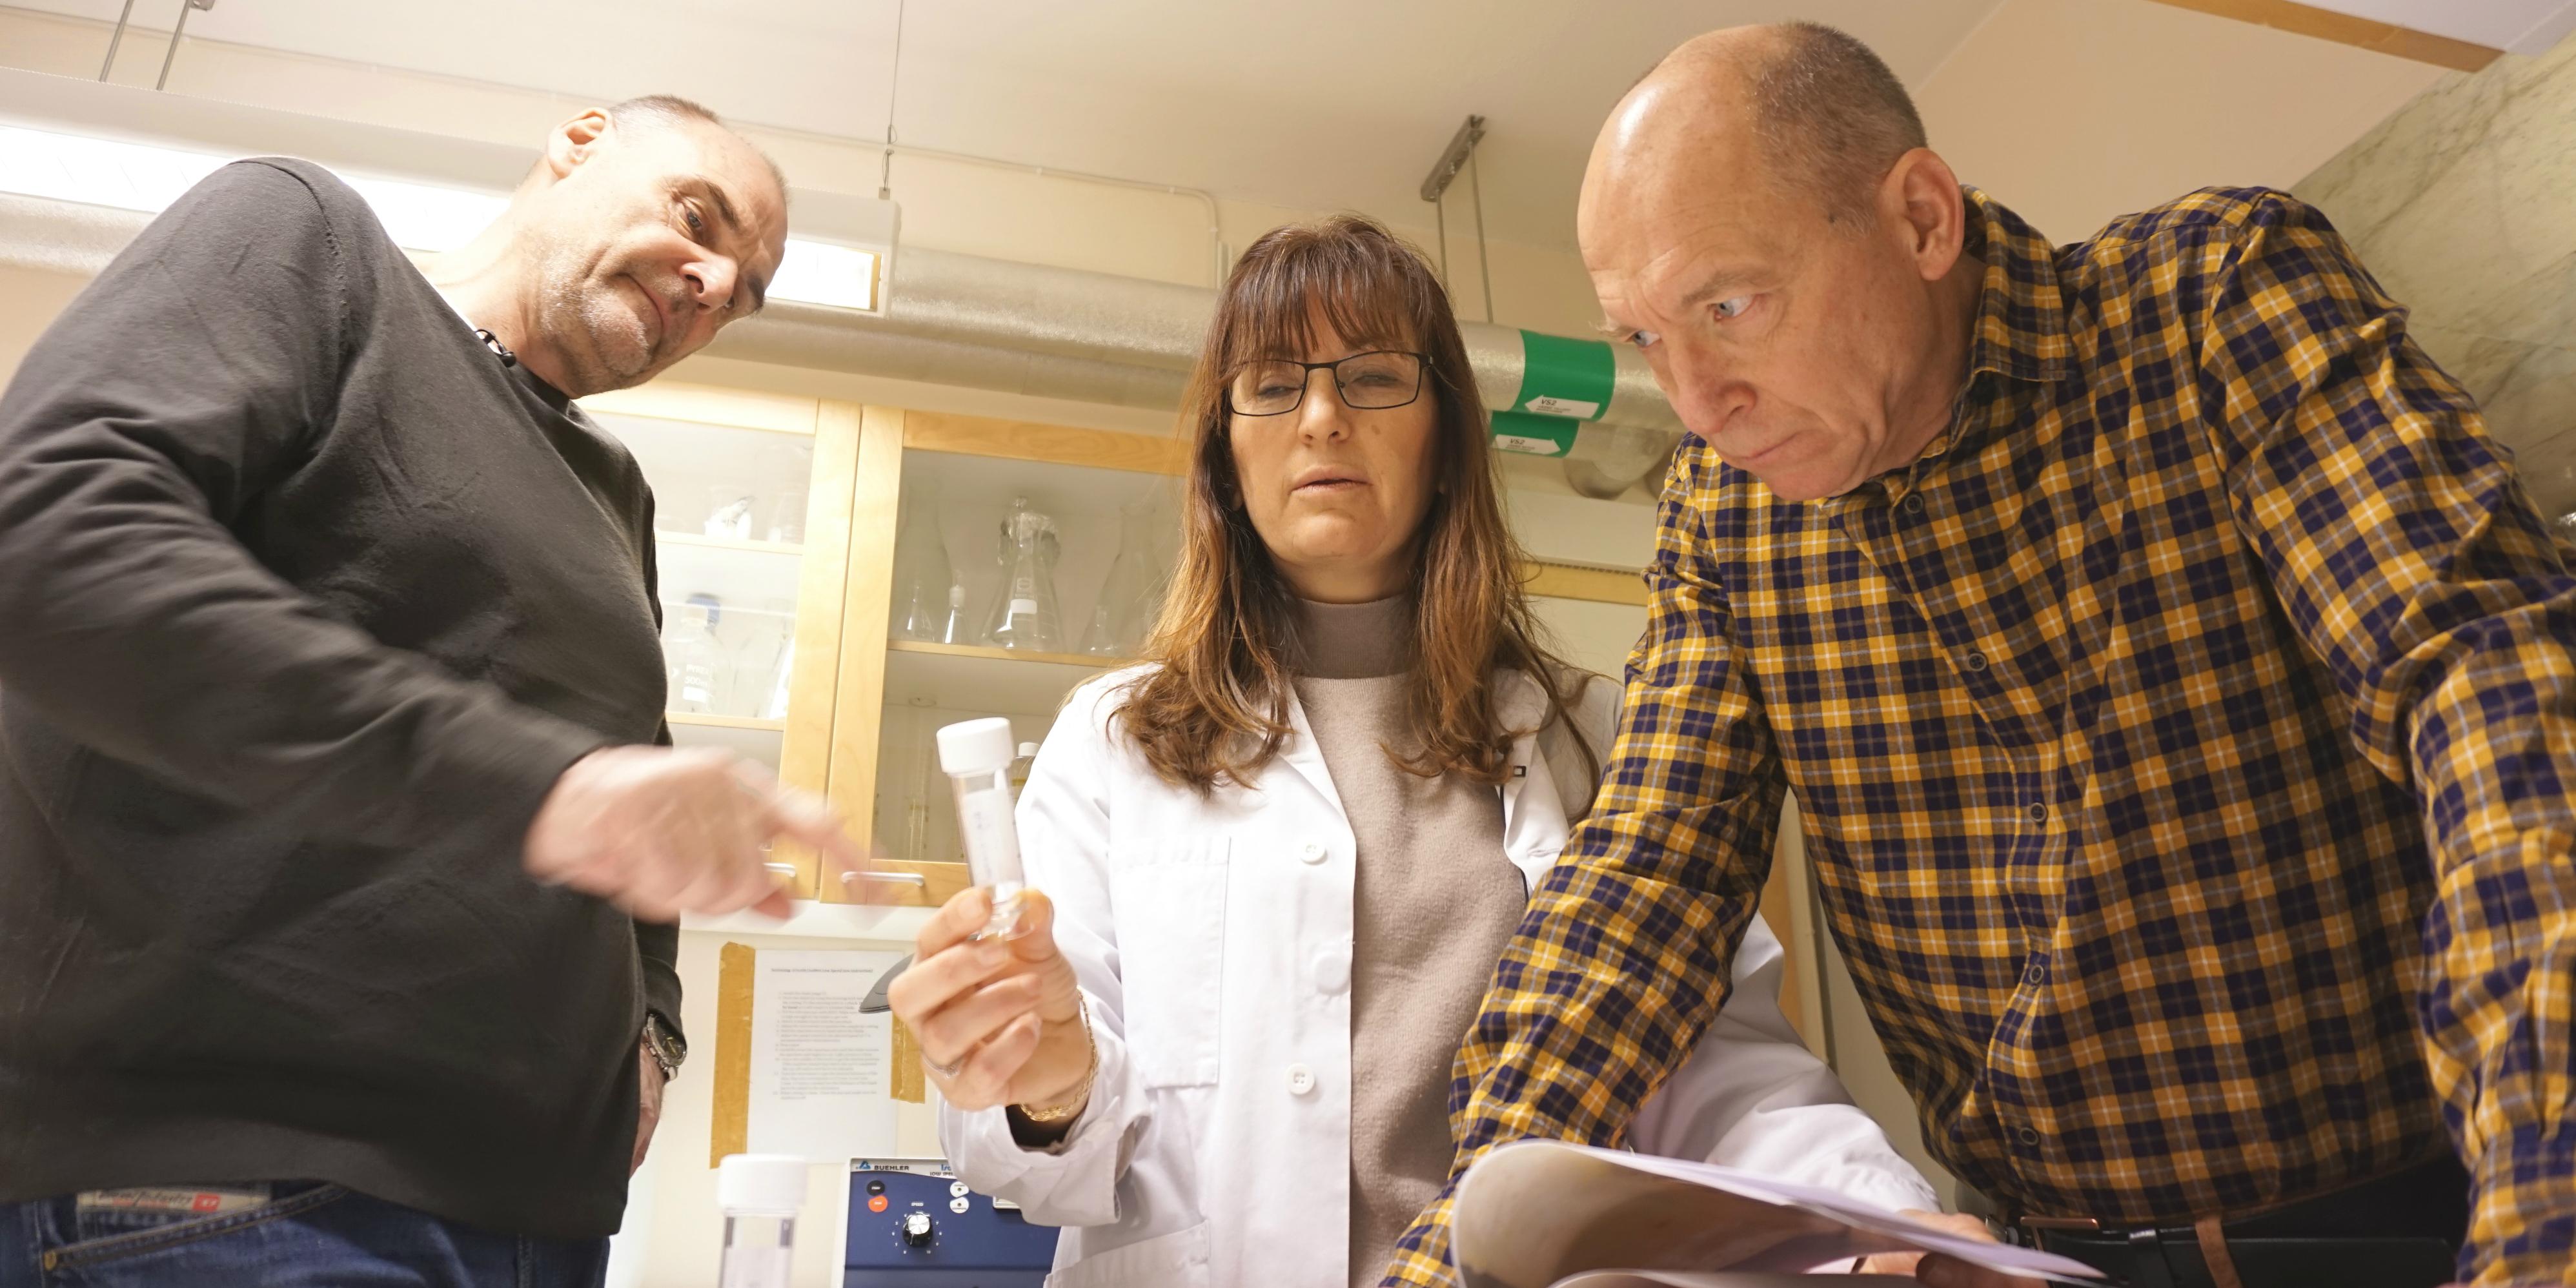 Harald Skjønsfjell vid norska kriminalpolisen Kripos samt Kanar Alkass och Henrik Druid från Rättsmedicinalverket kontrollerar exakt vilken av Isdalskvinnans tänder som ligger i provröret.